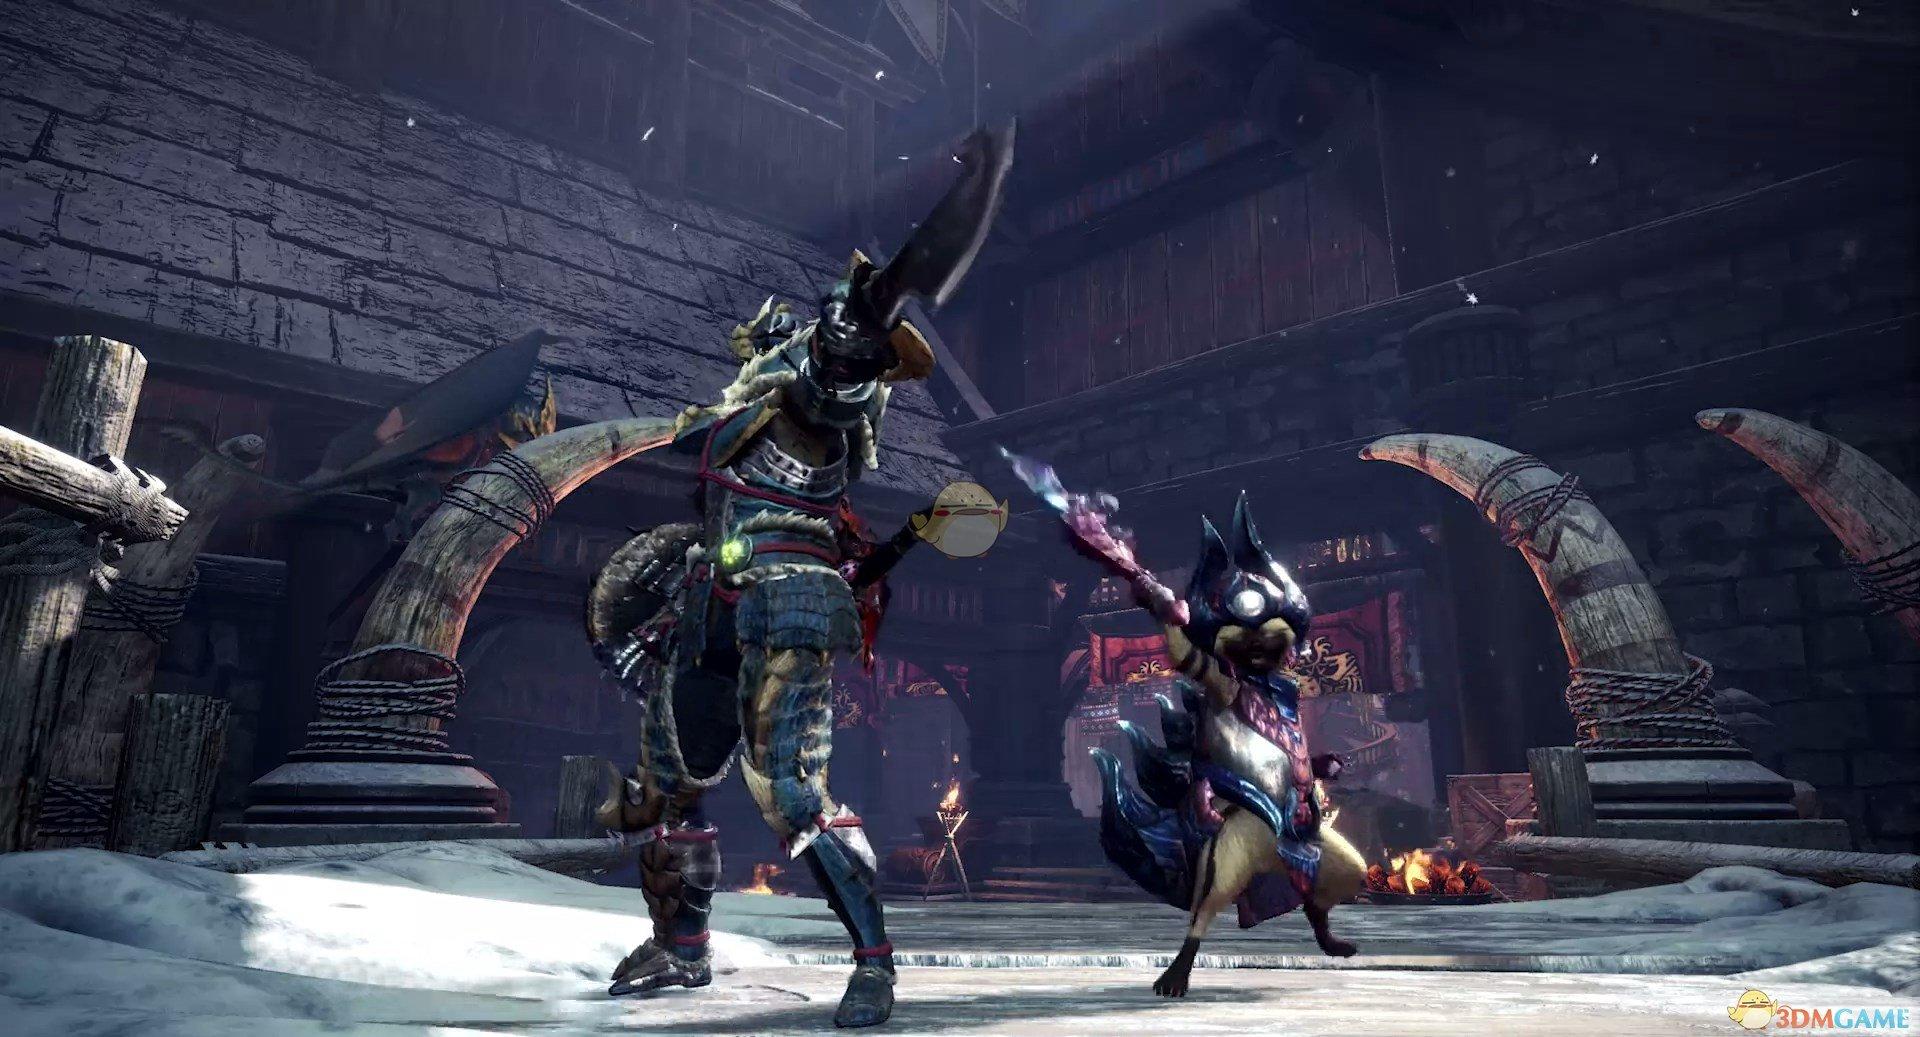 《怪物猎人:世界》冰原DLC剑斧斧形态后跳步使用方法分享